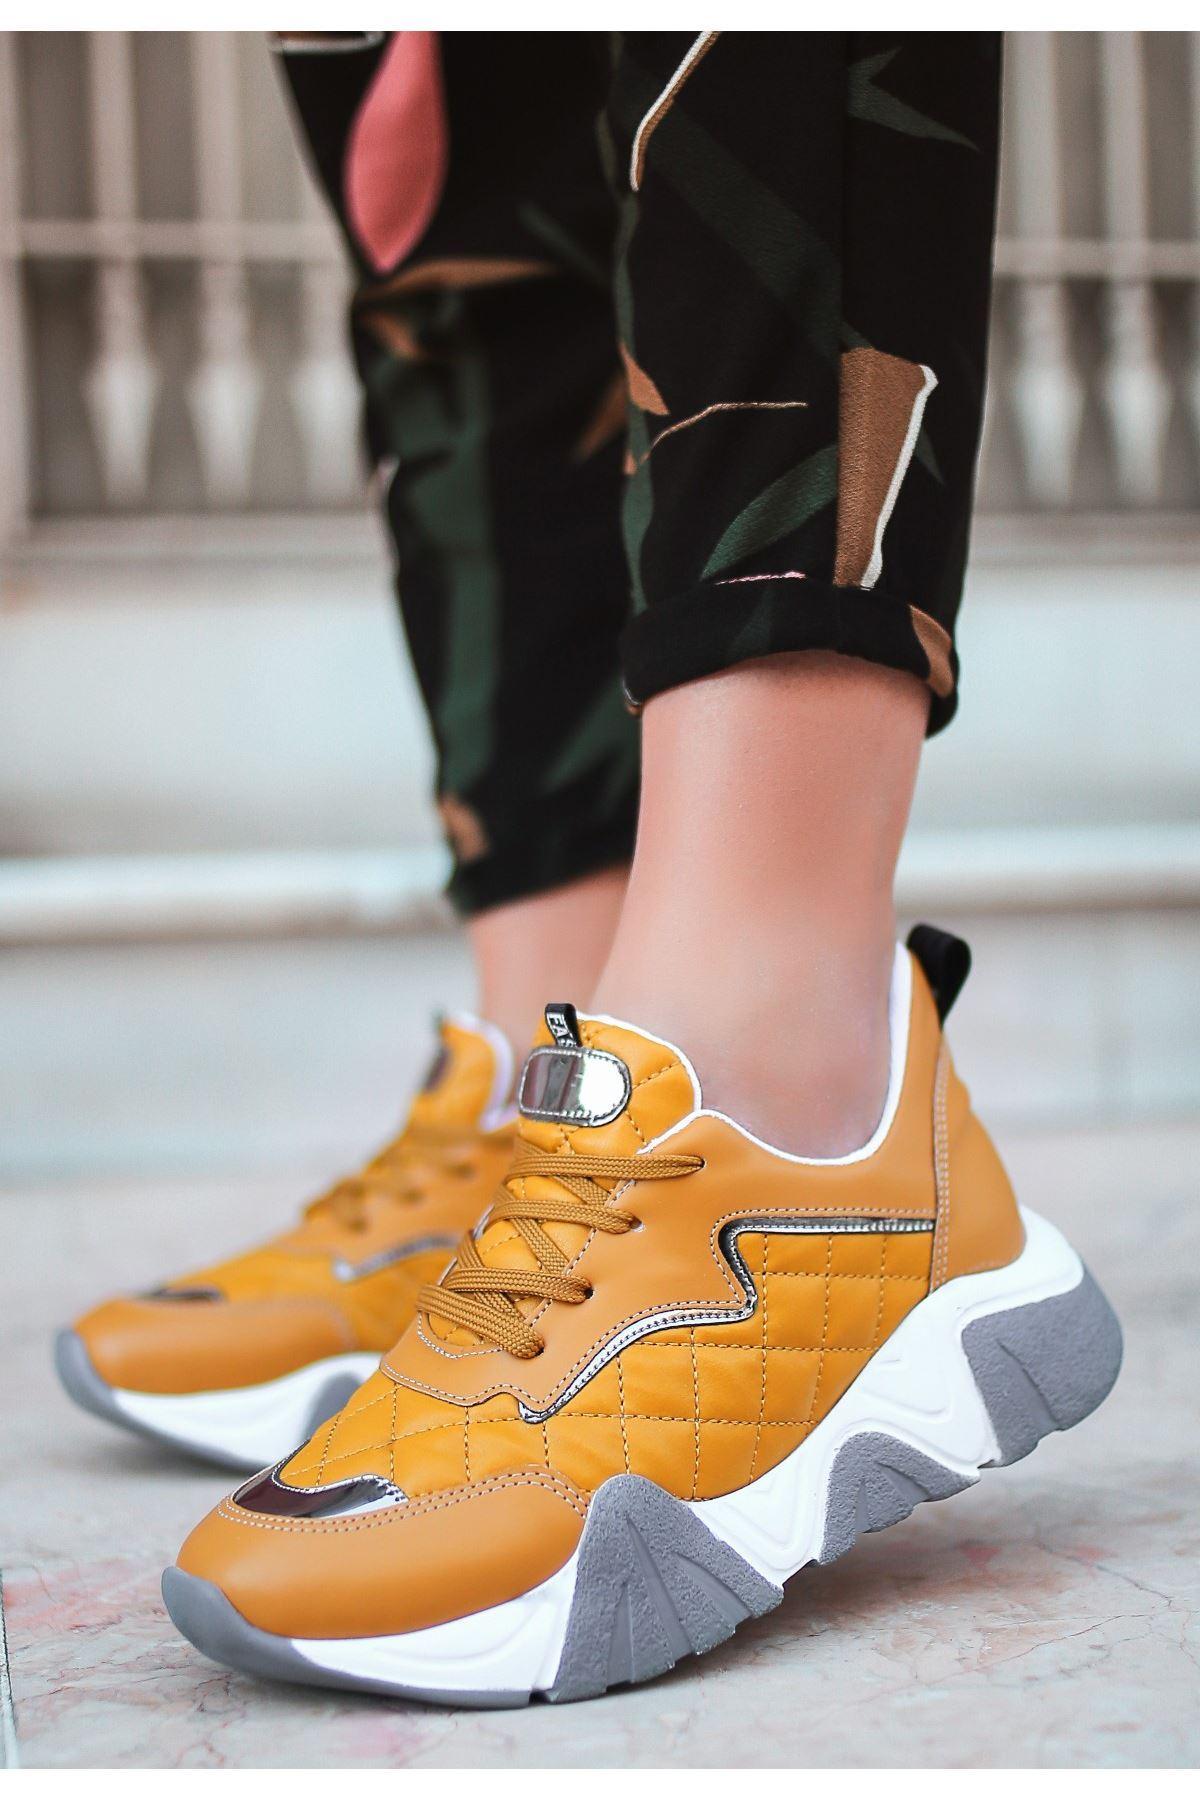 Renz Hardal Cilt Gri Tabanlı Spor Ayakkabı